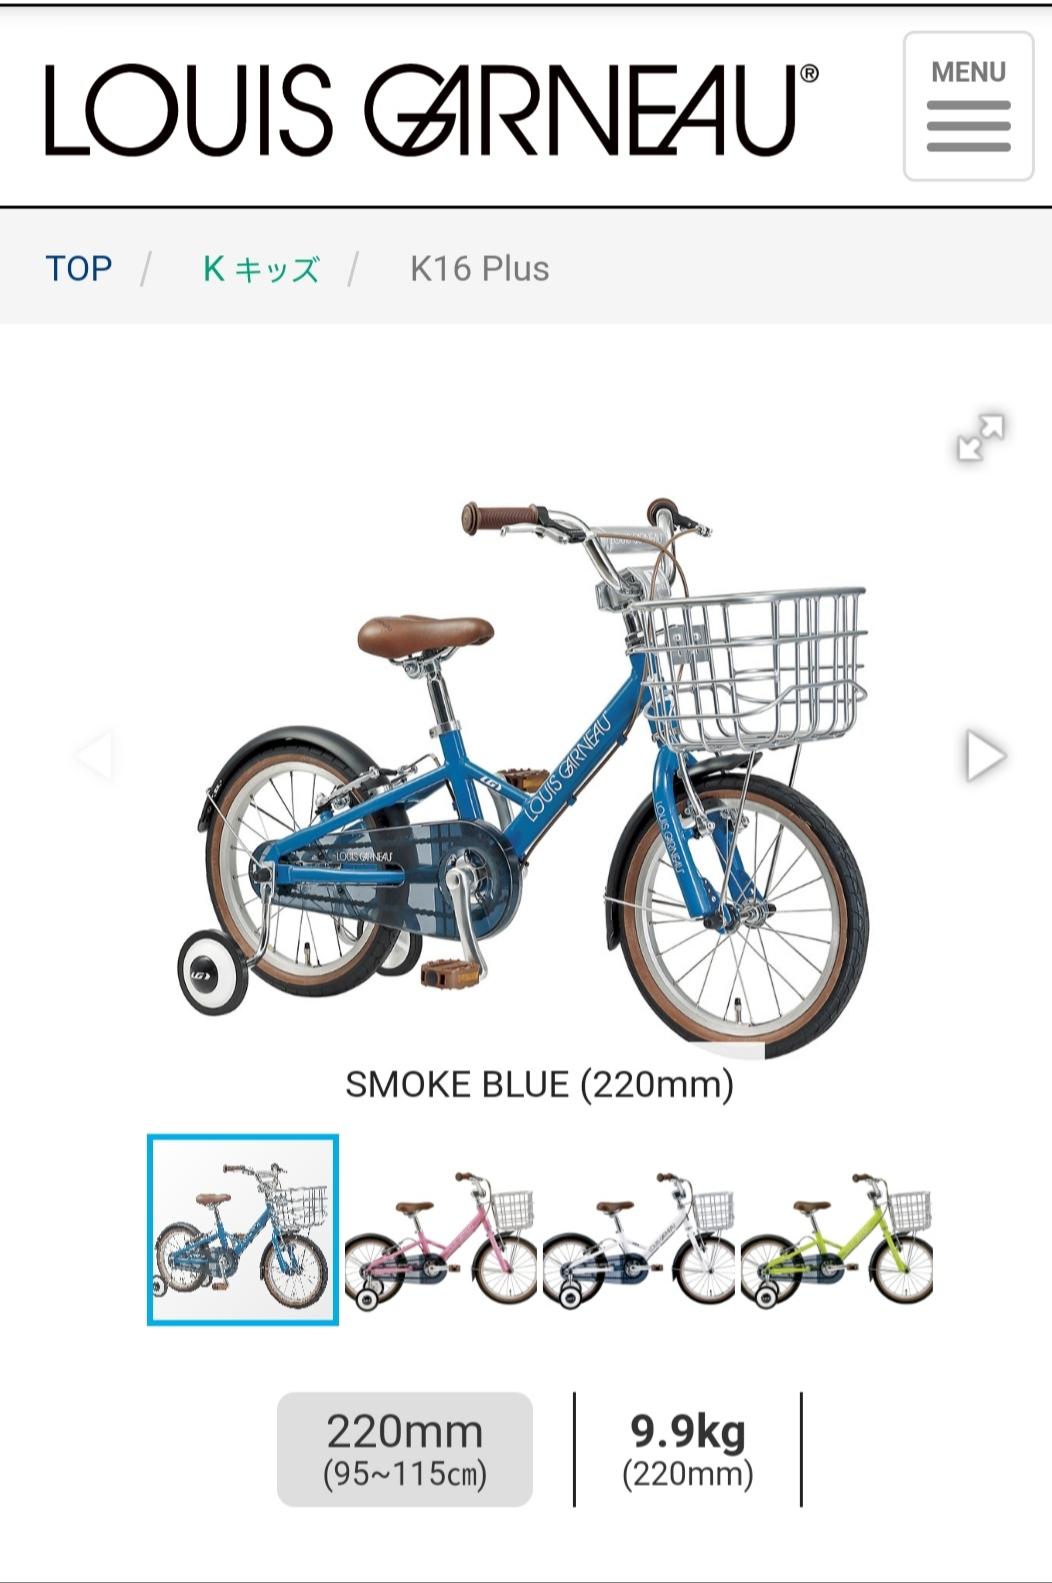 ゴールデンウィークにルイガノの自転車で_a0342910_20435171.jpg